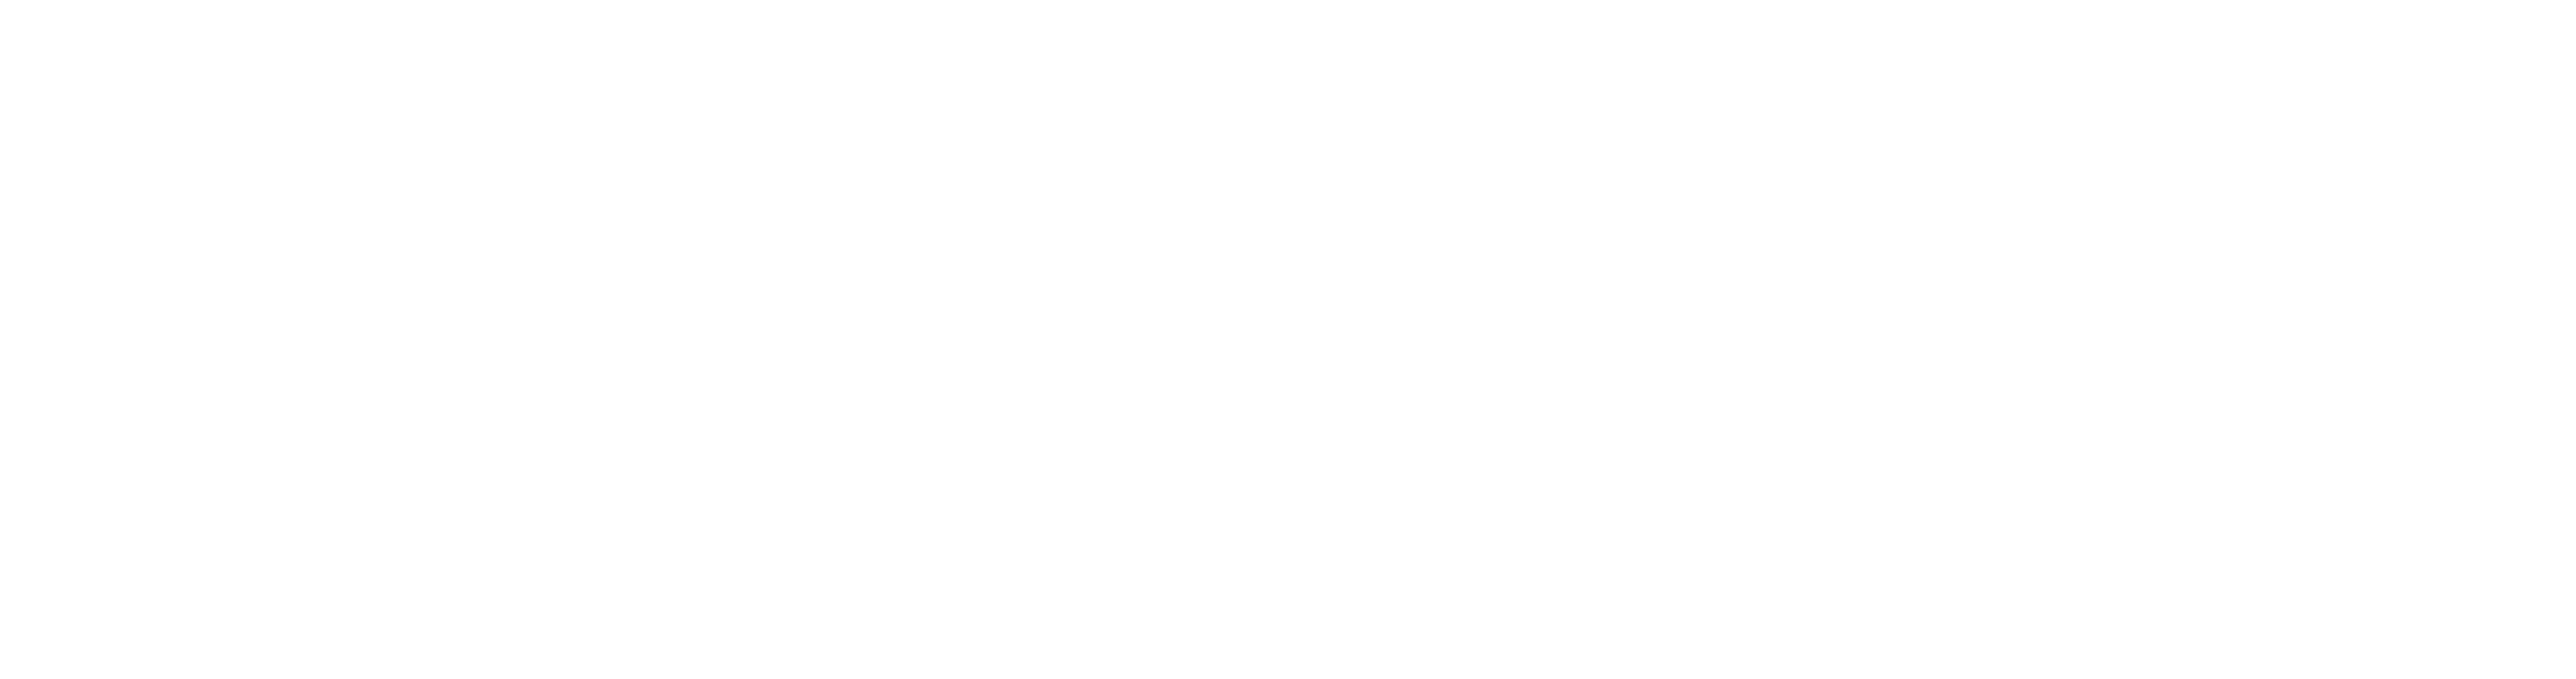 North Carolina Democrats